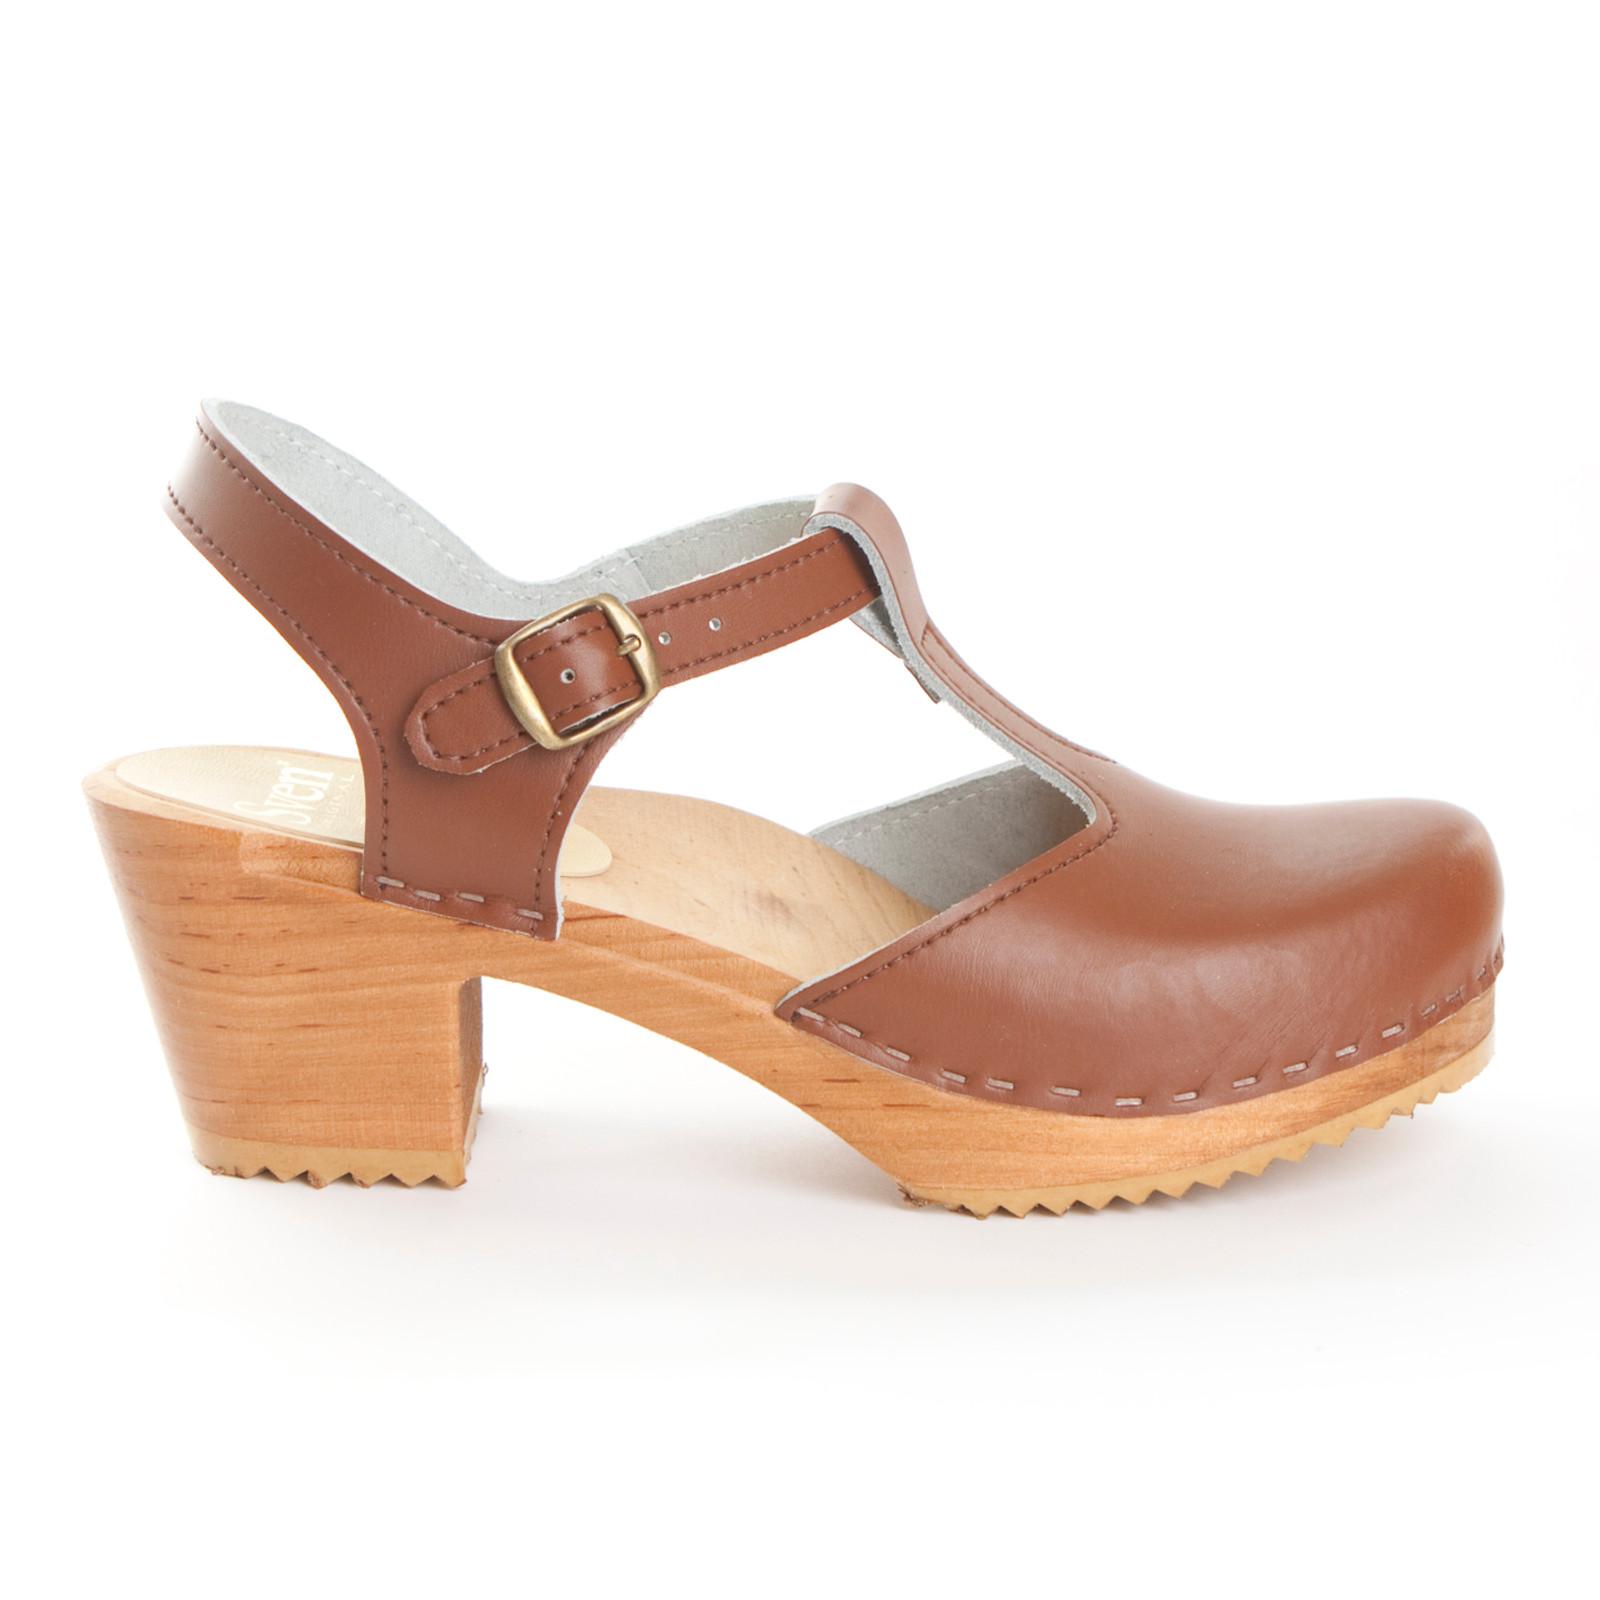 T-Strap Clogs - Swedish Mid Heels